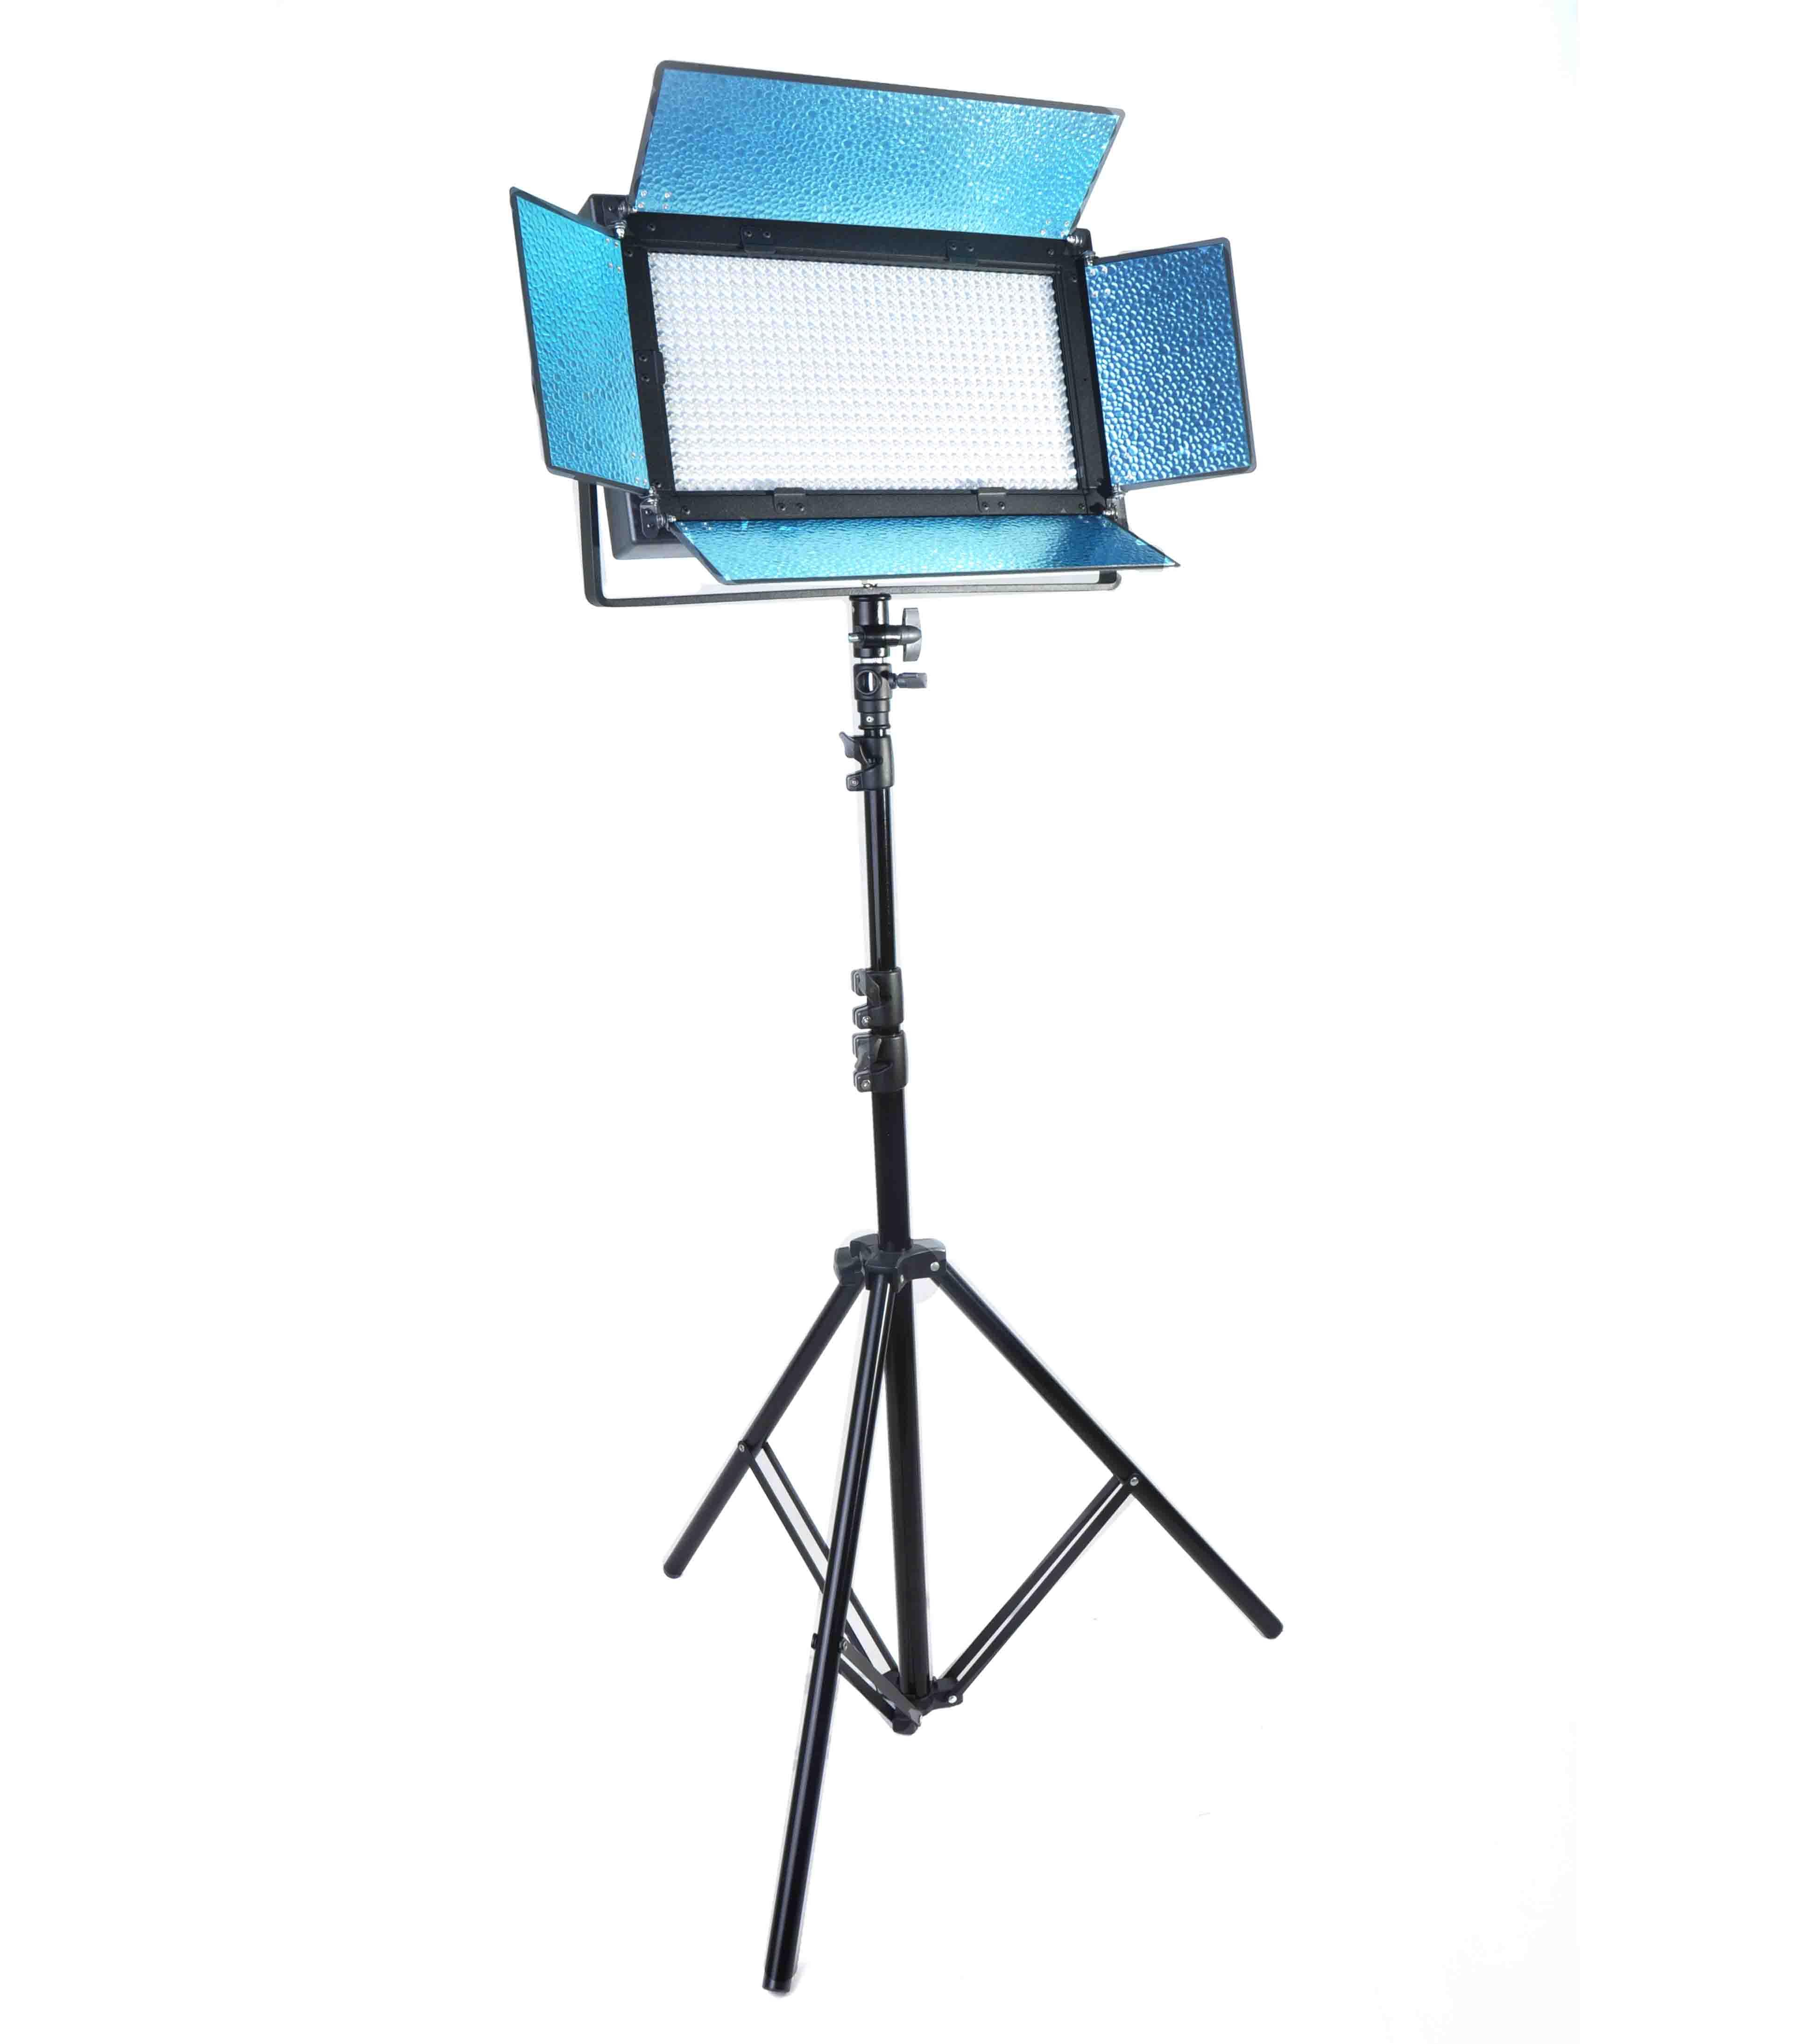 Cần bán đèn led quay phim video truyền hình p30